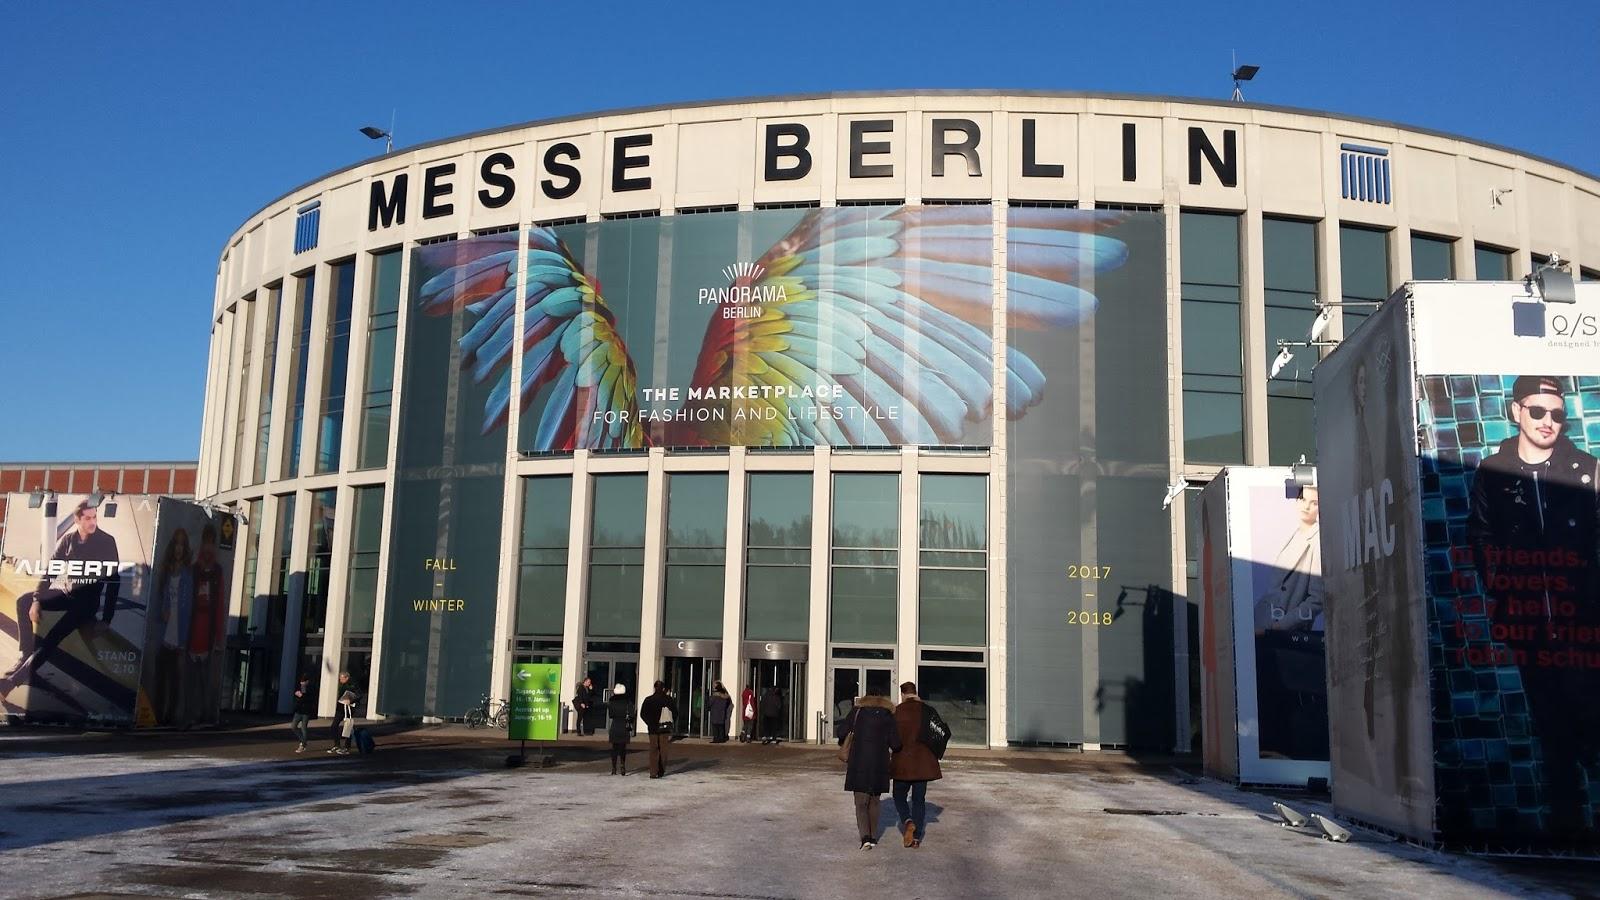 Messe Berlin, Showroom Panorama Berlin 2017, Berlin Fashion Week